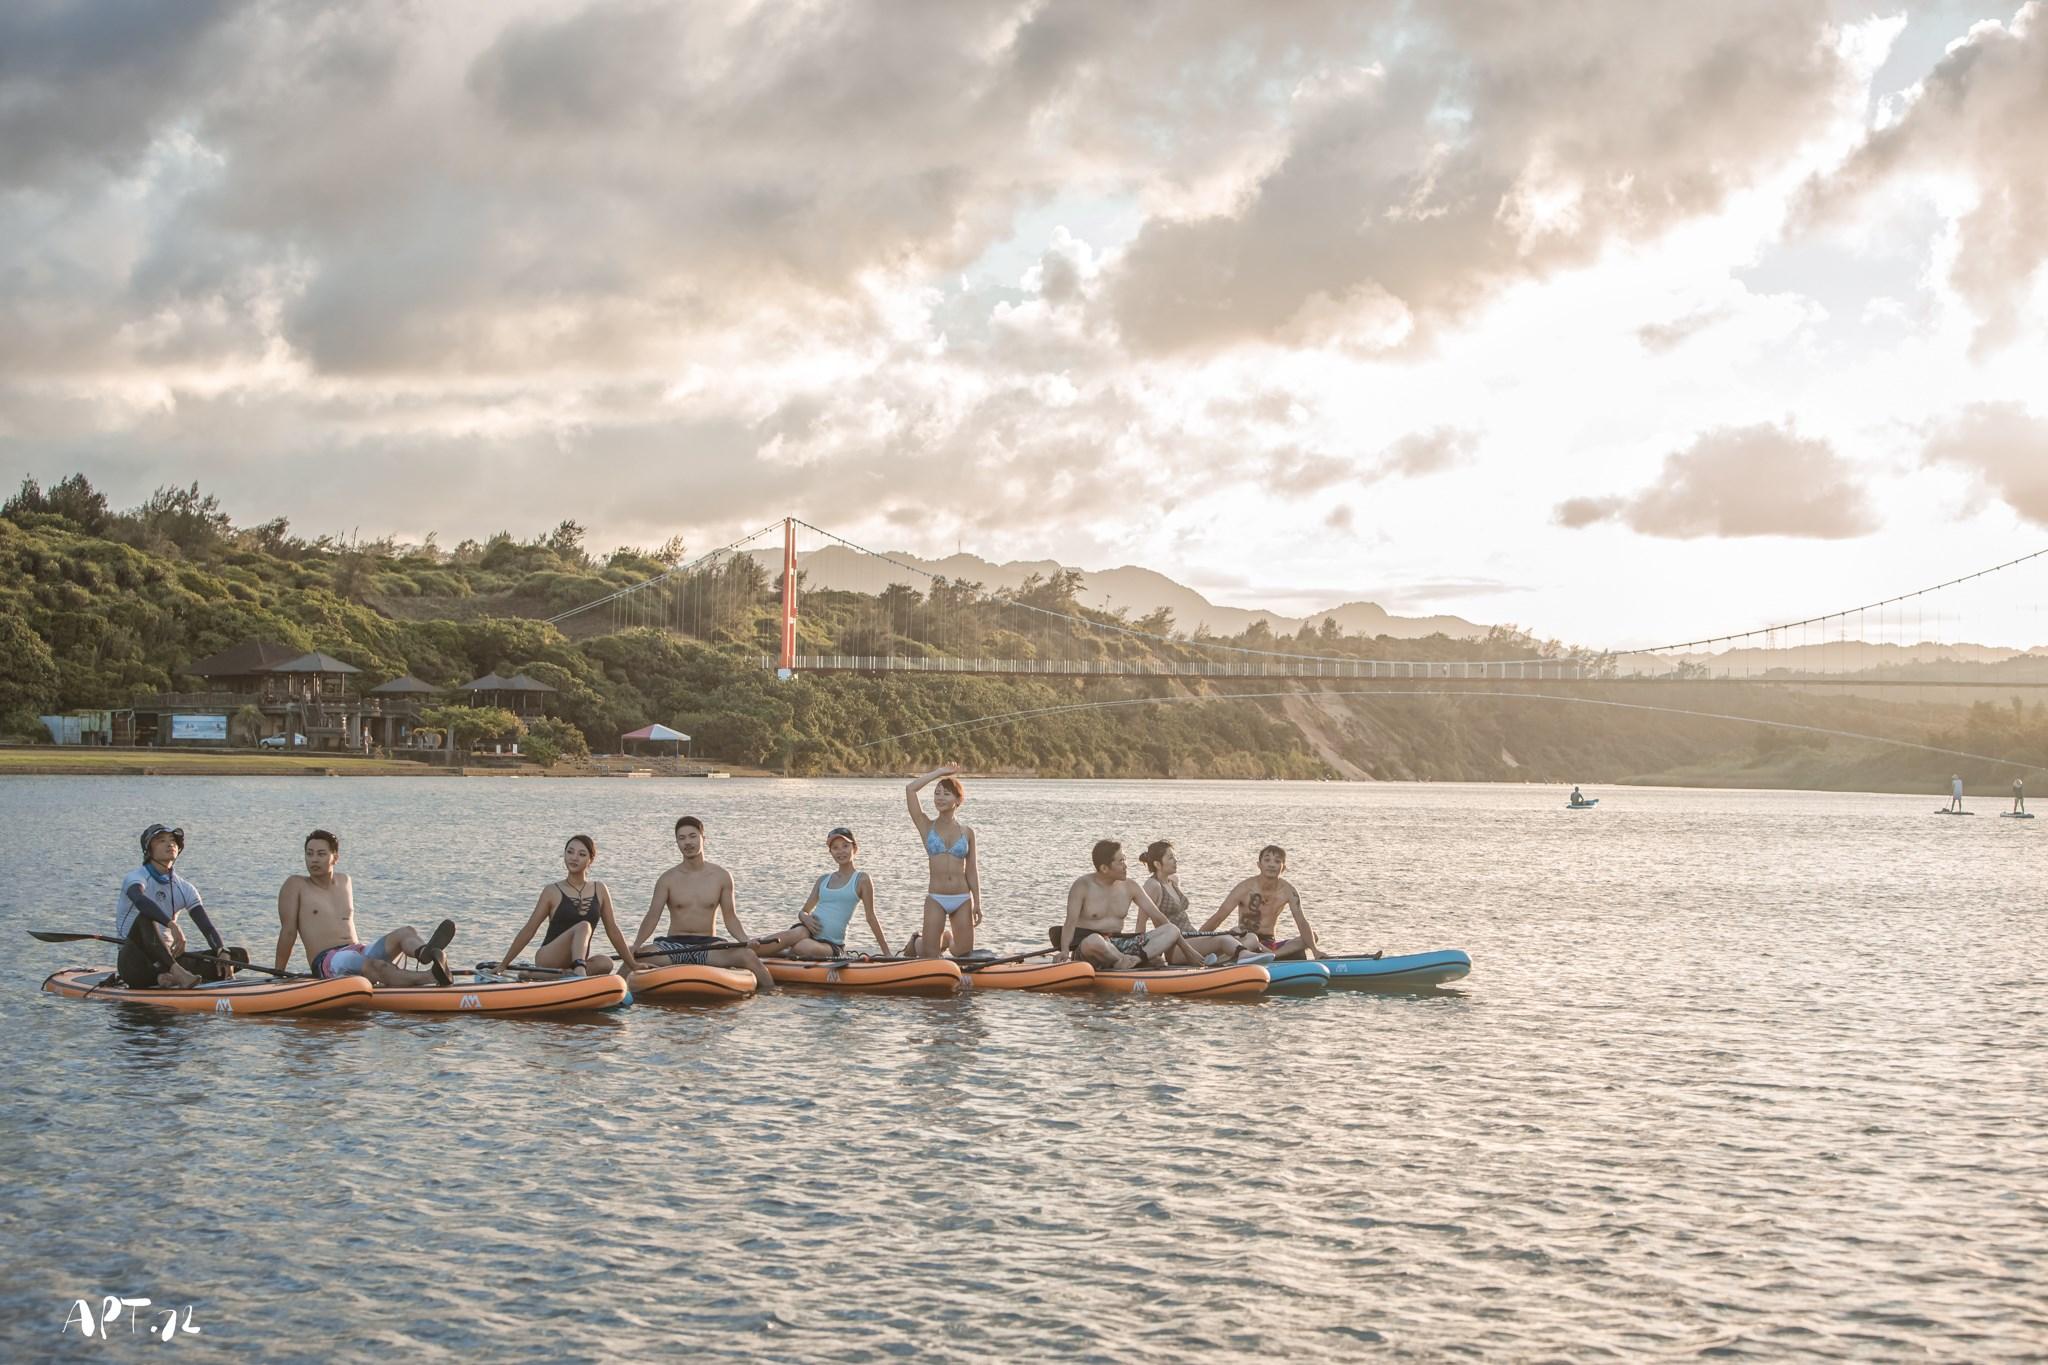 台灣【福隆雙溪河】SUP立槳X沙雕之海上體驗